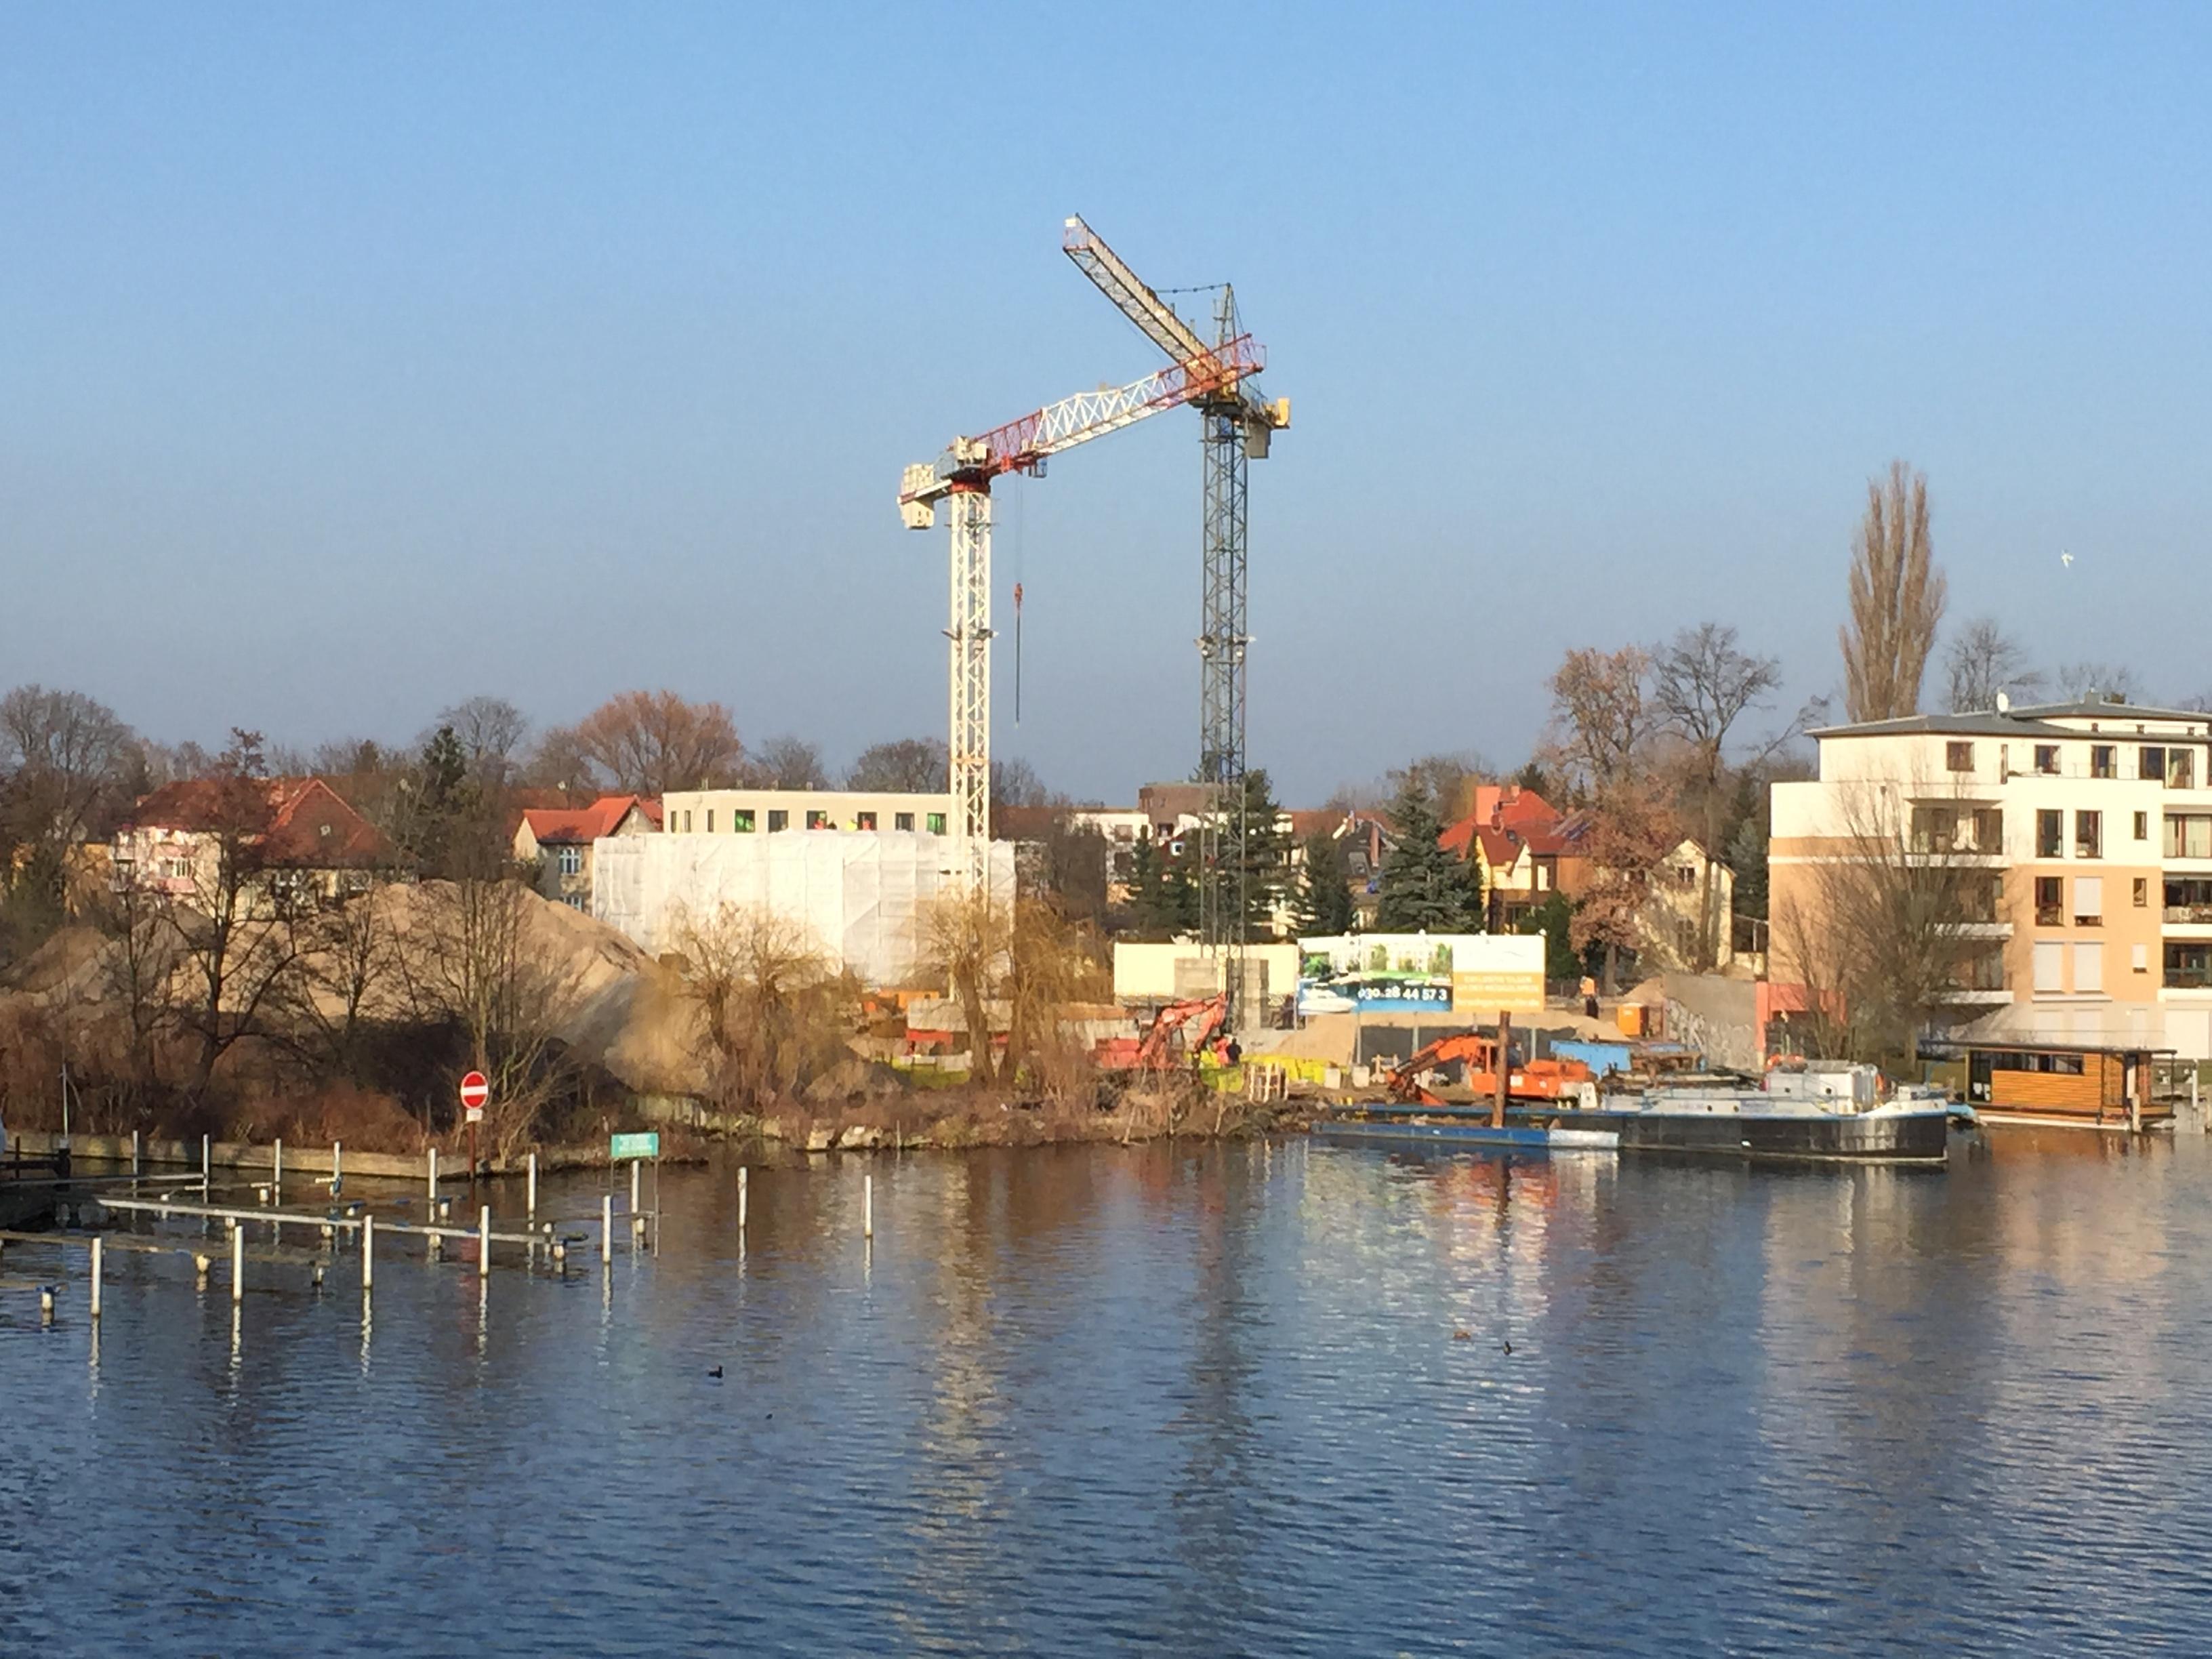 Hirschgarten Wasserseite